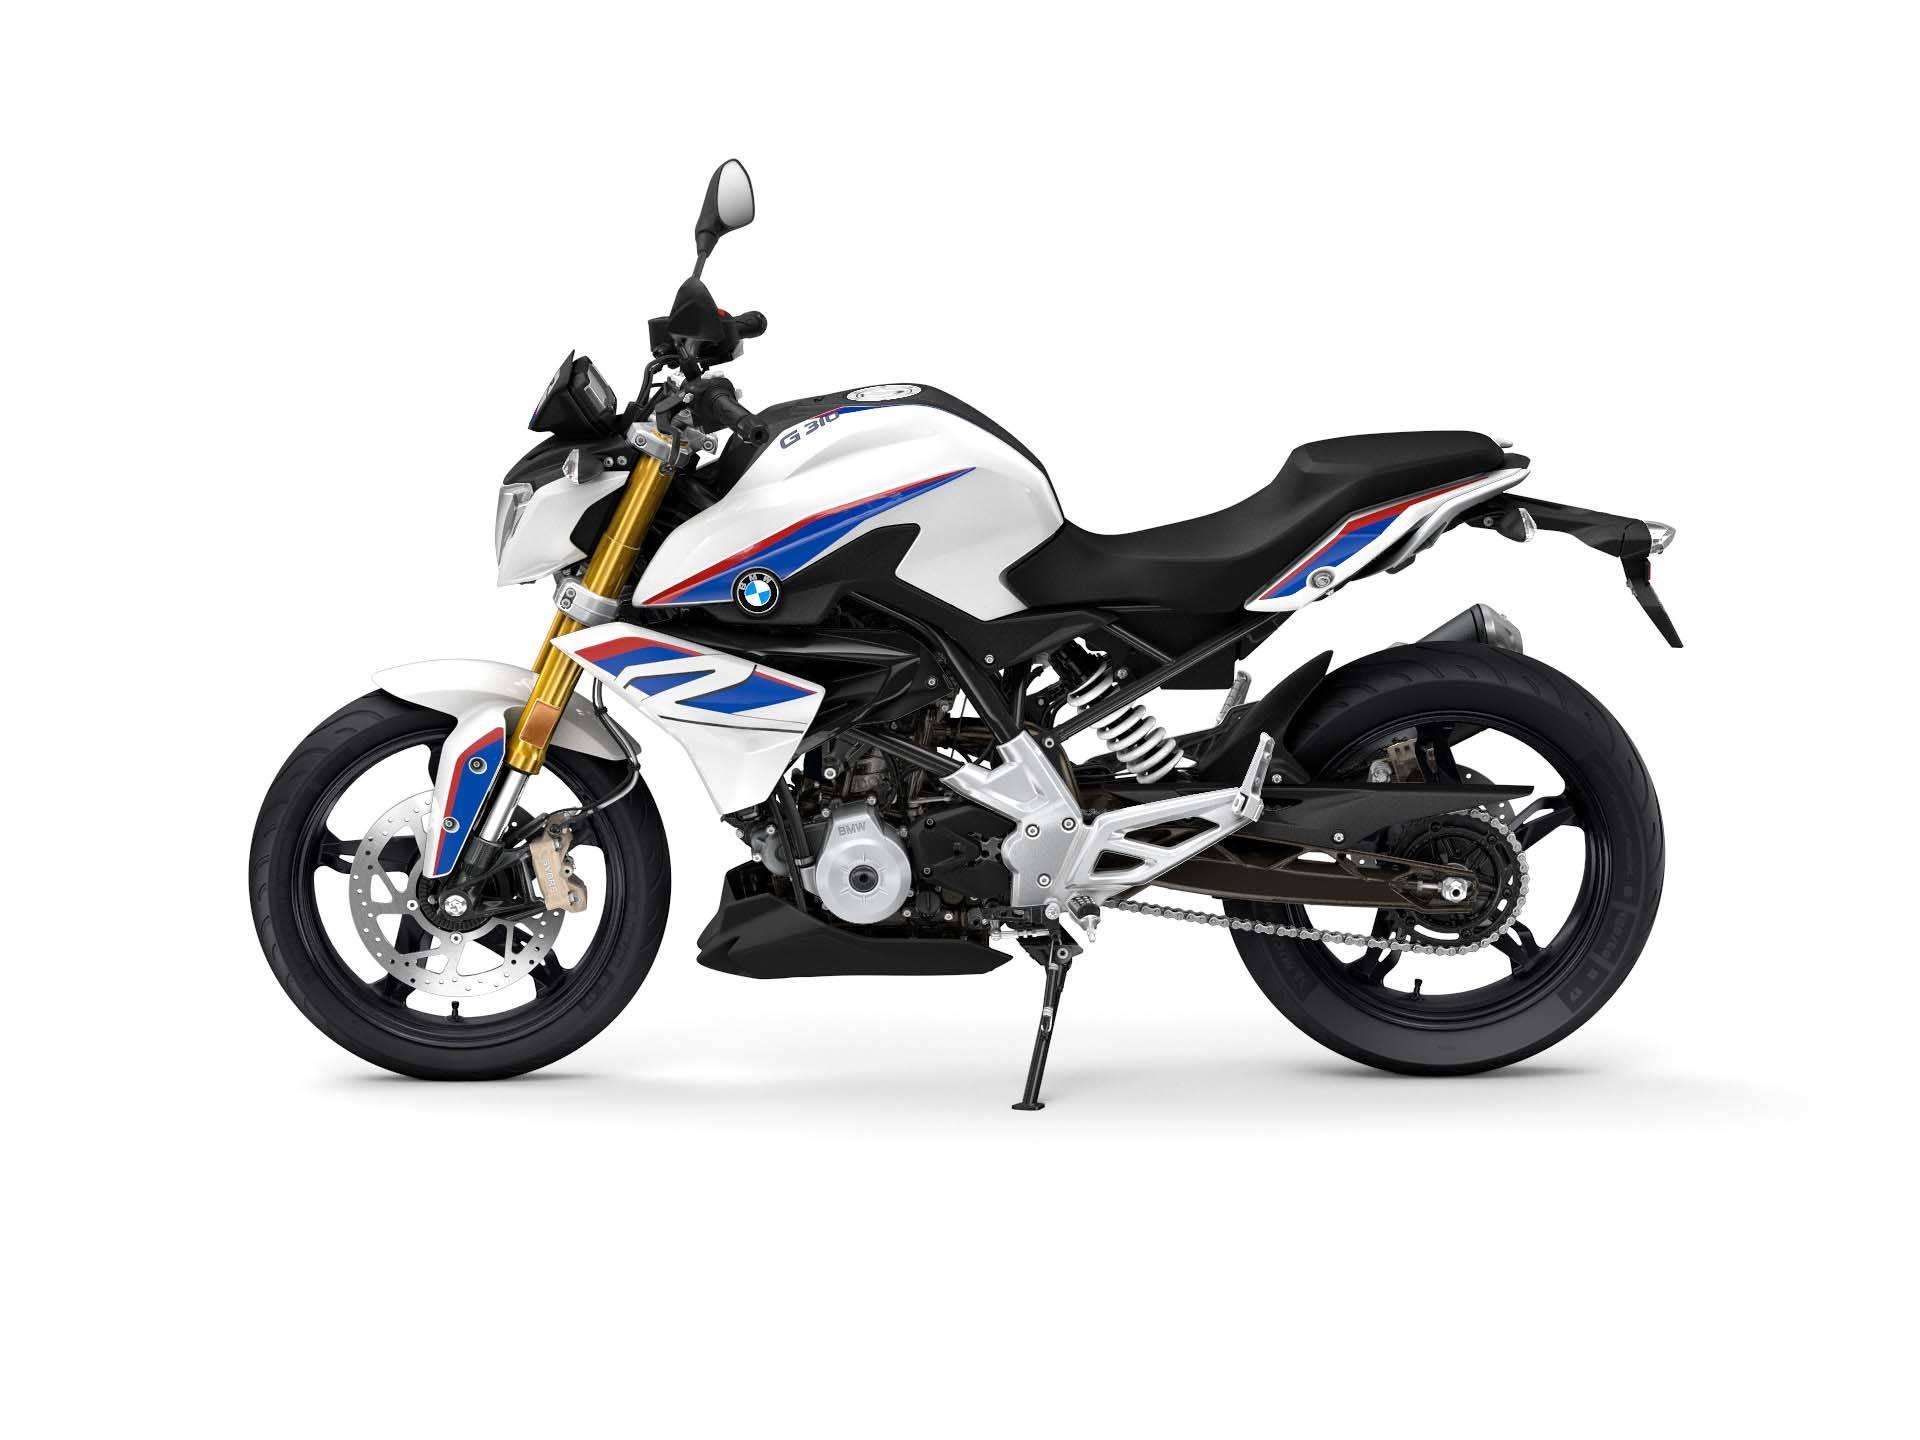 g 310 r - gold coast bmw motorrad